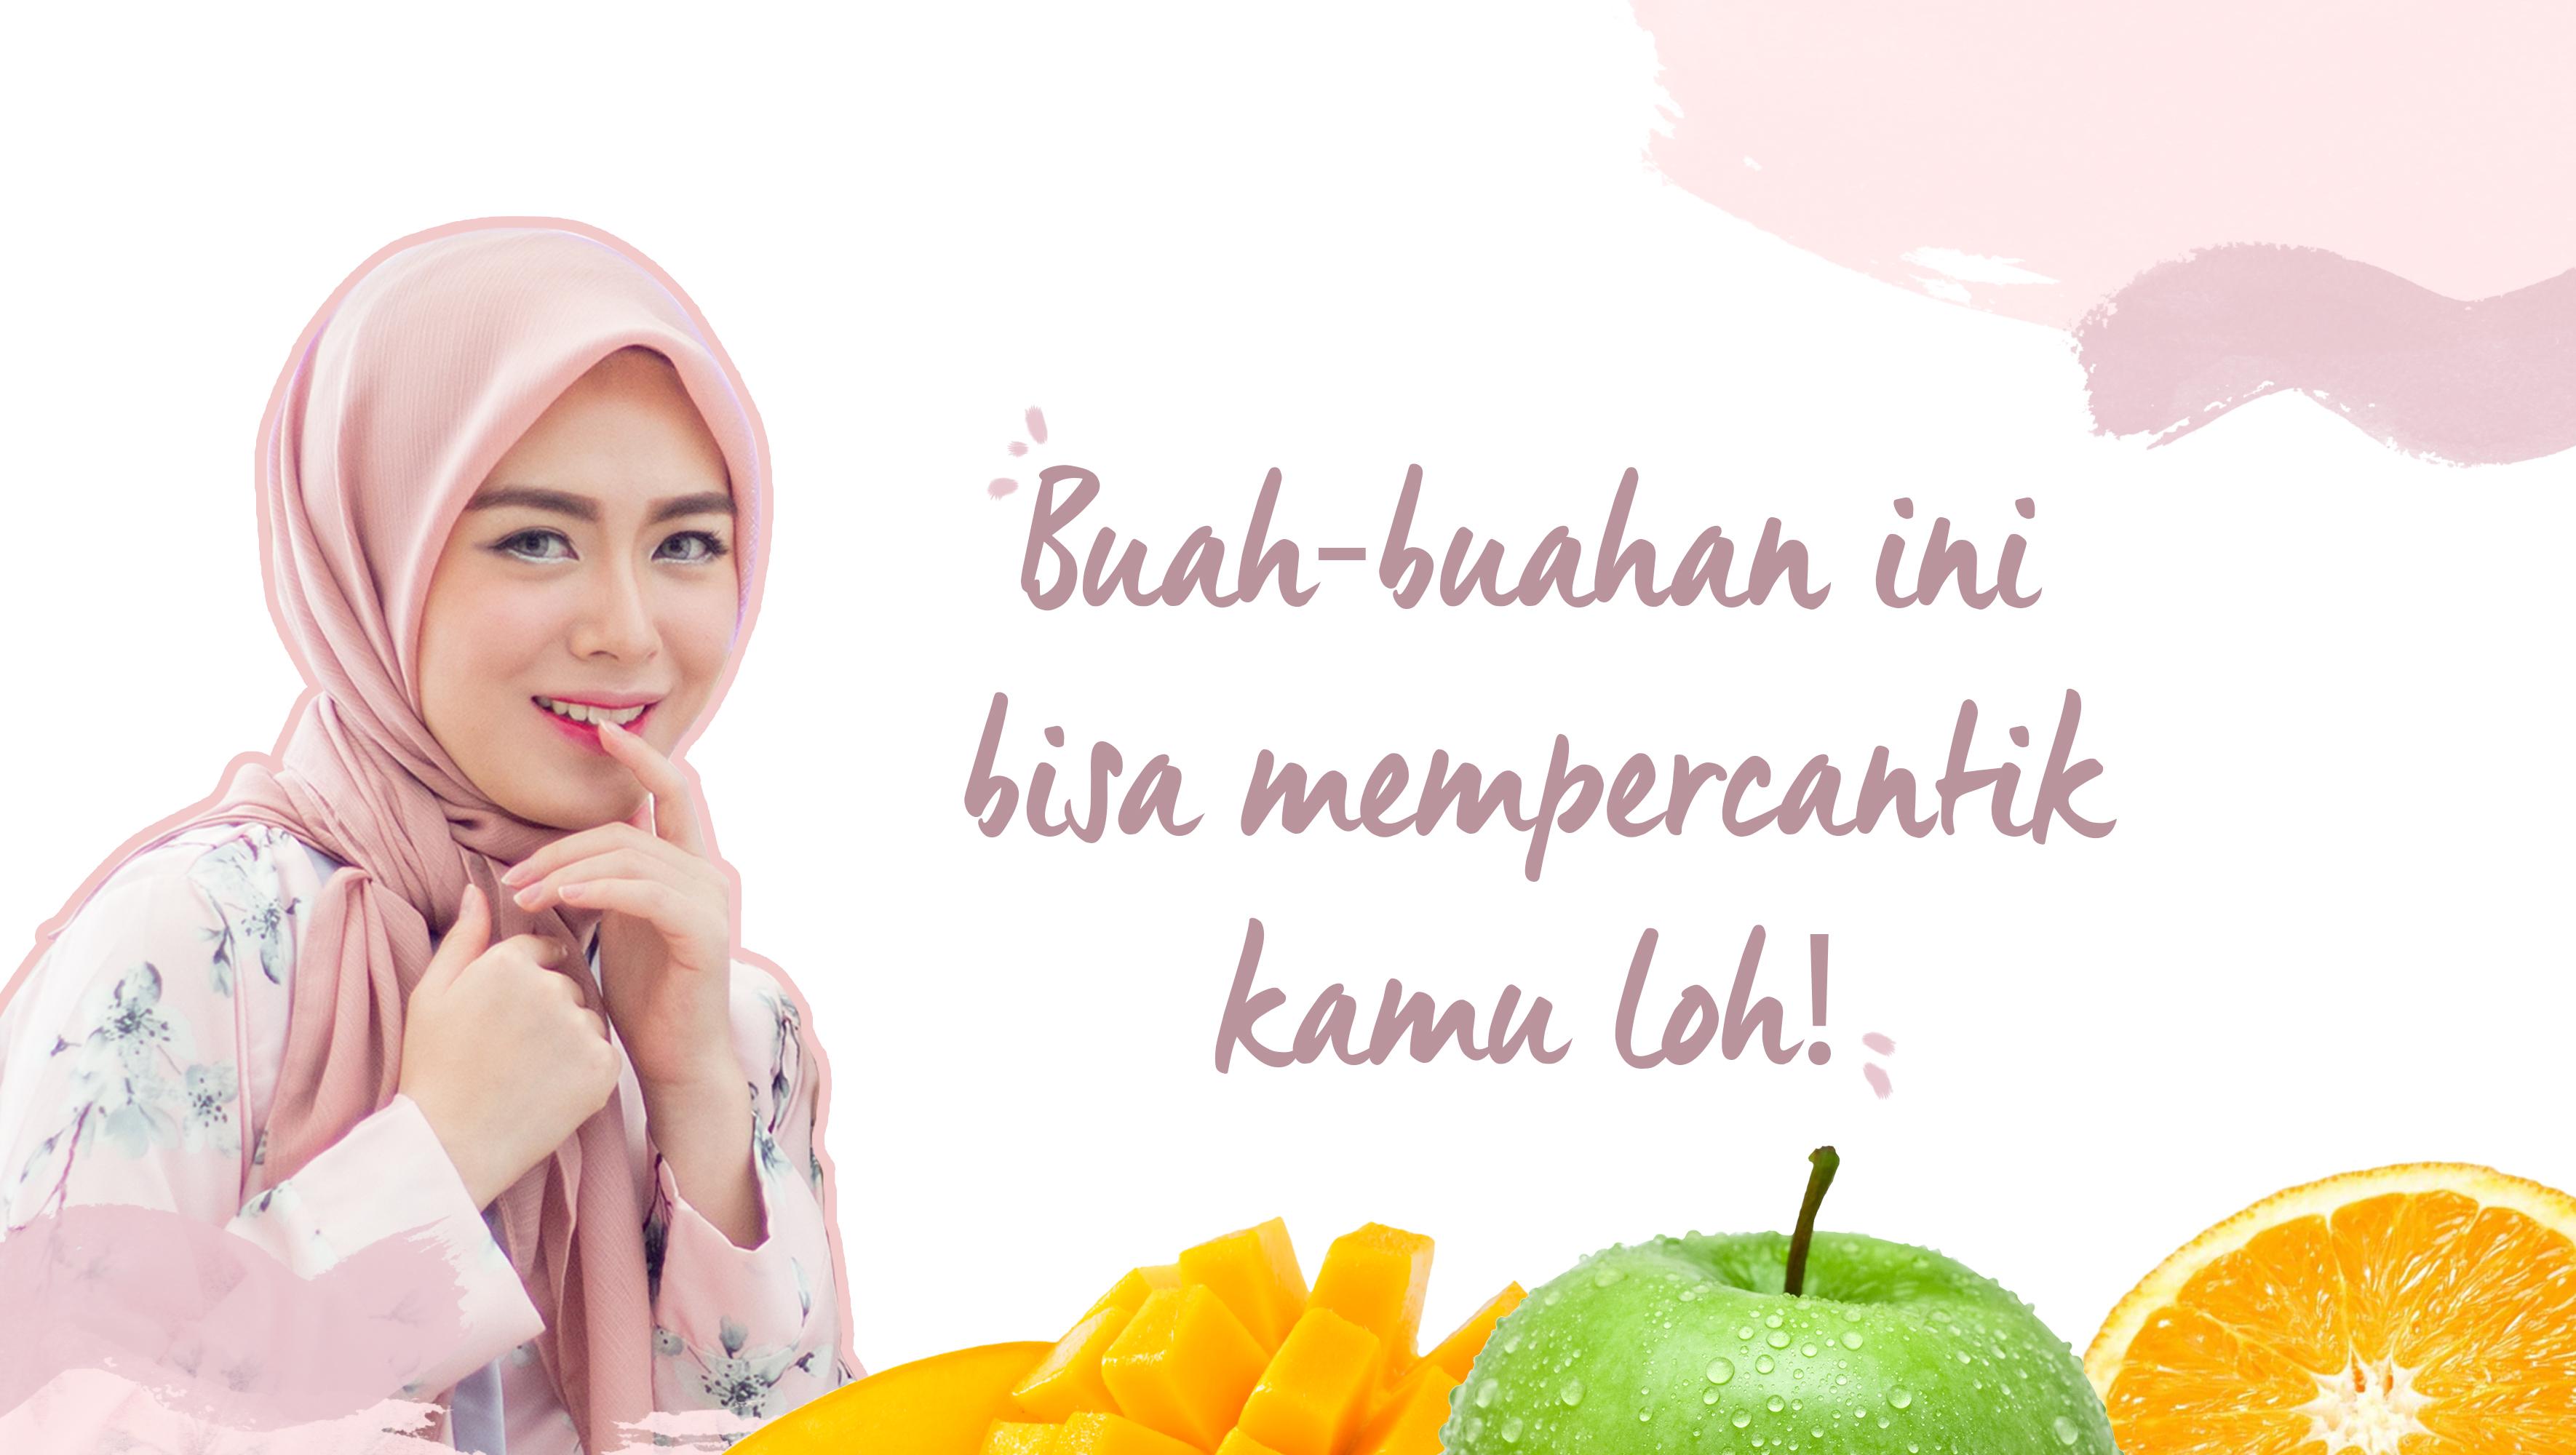 Buah-buahan ini bisa mempercantik kamu loh! image